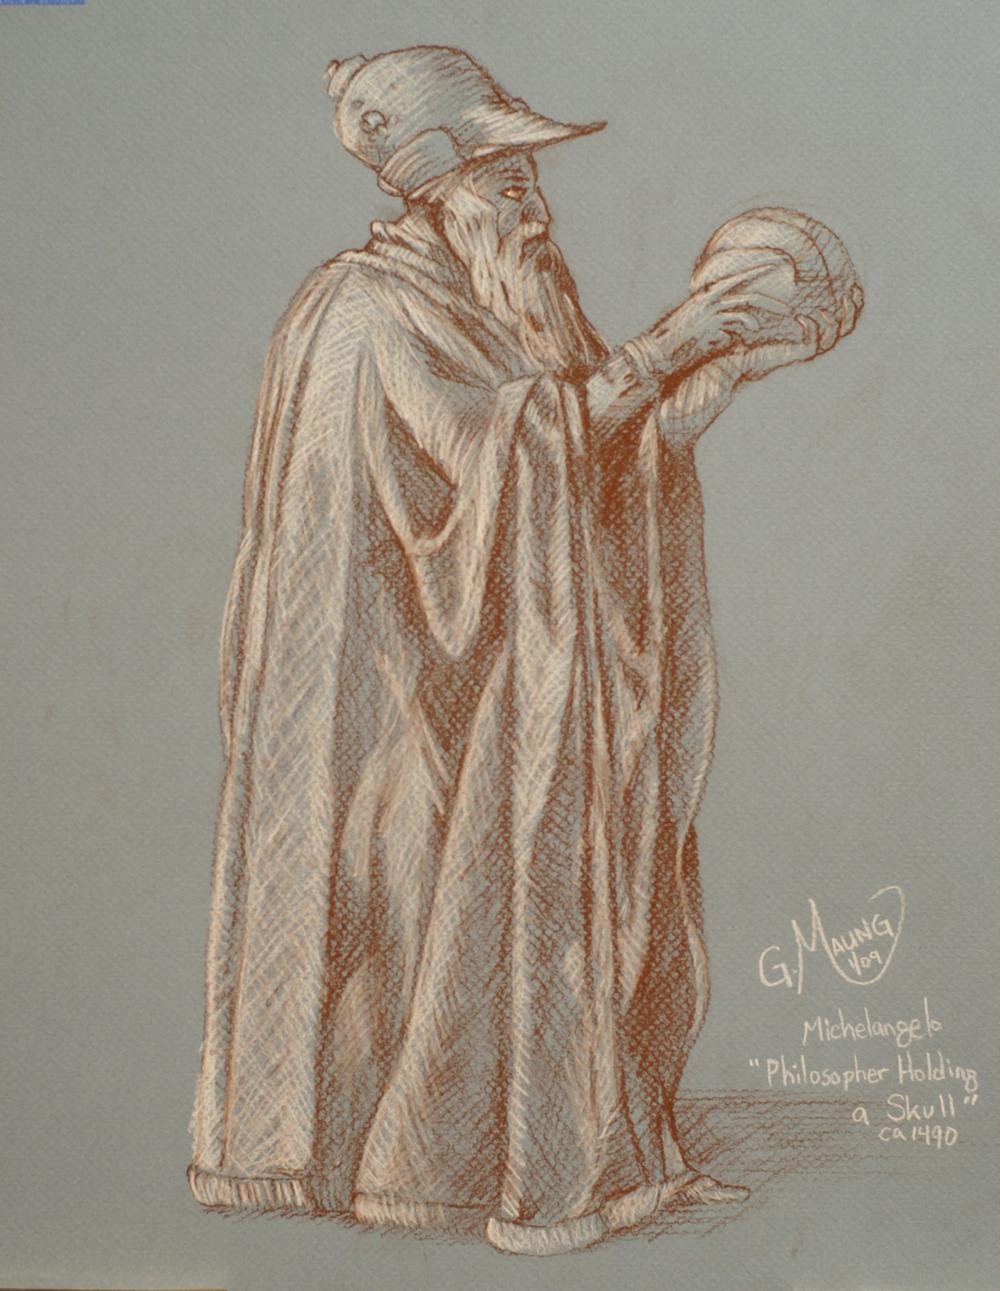 Philosopher Holding A Skull